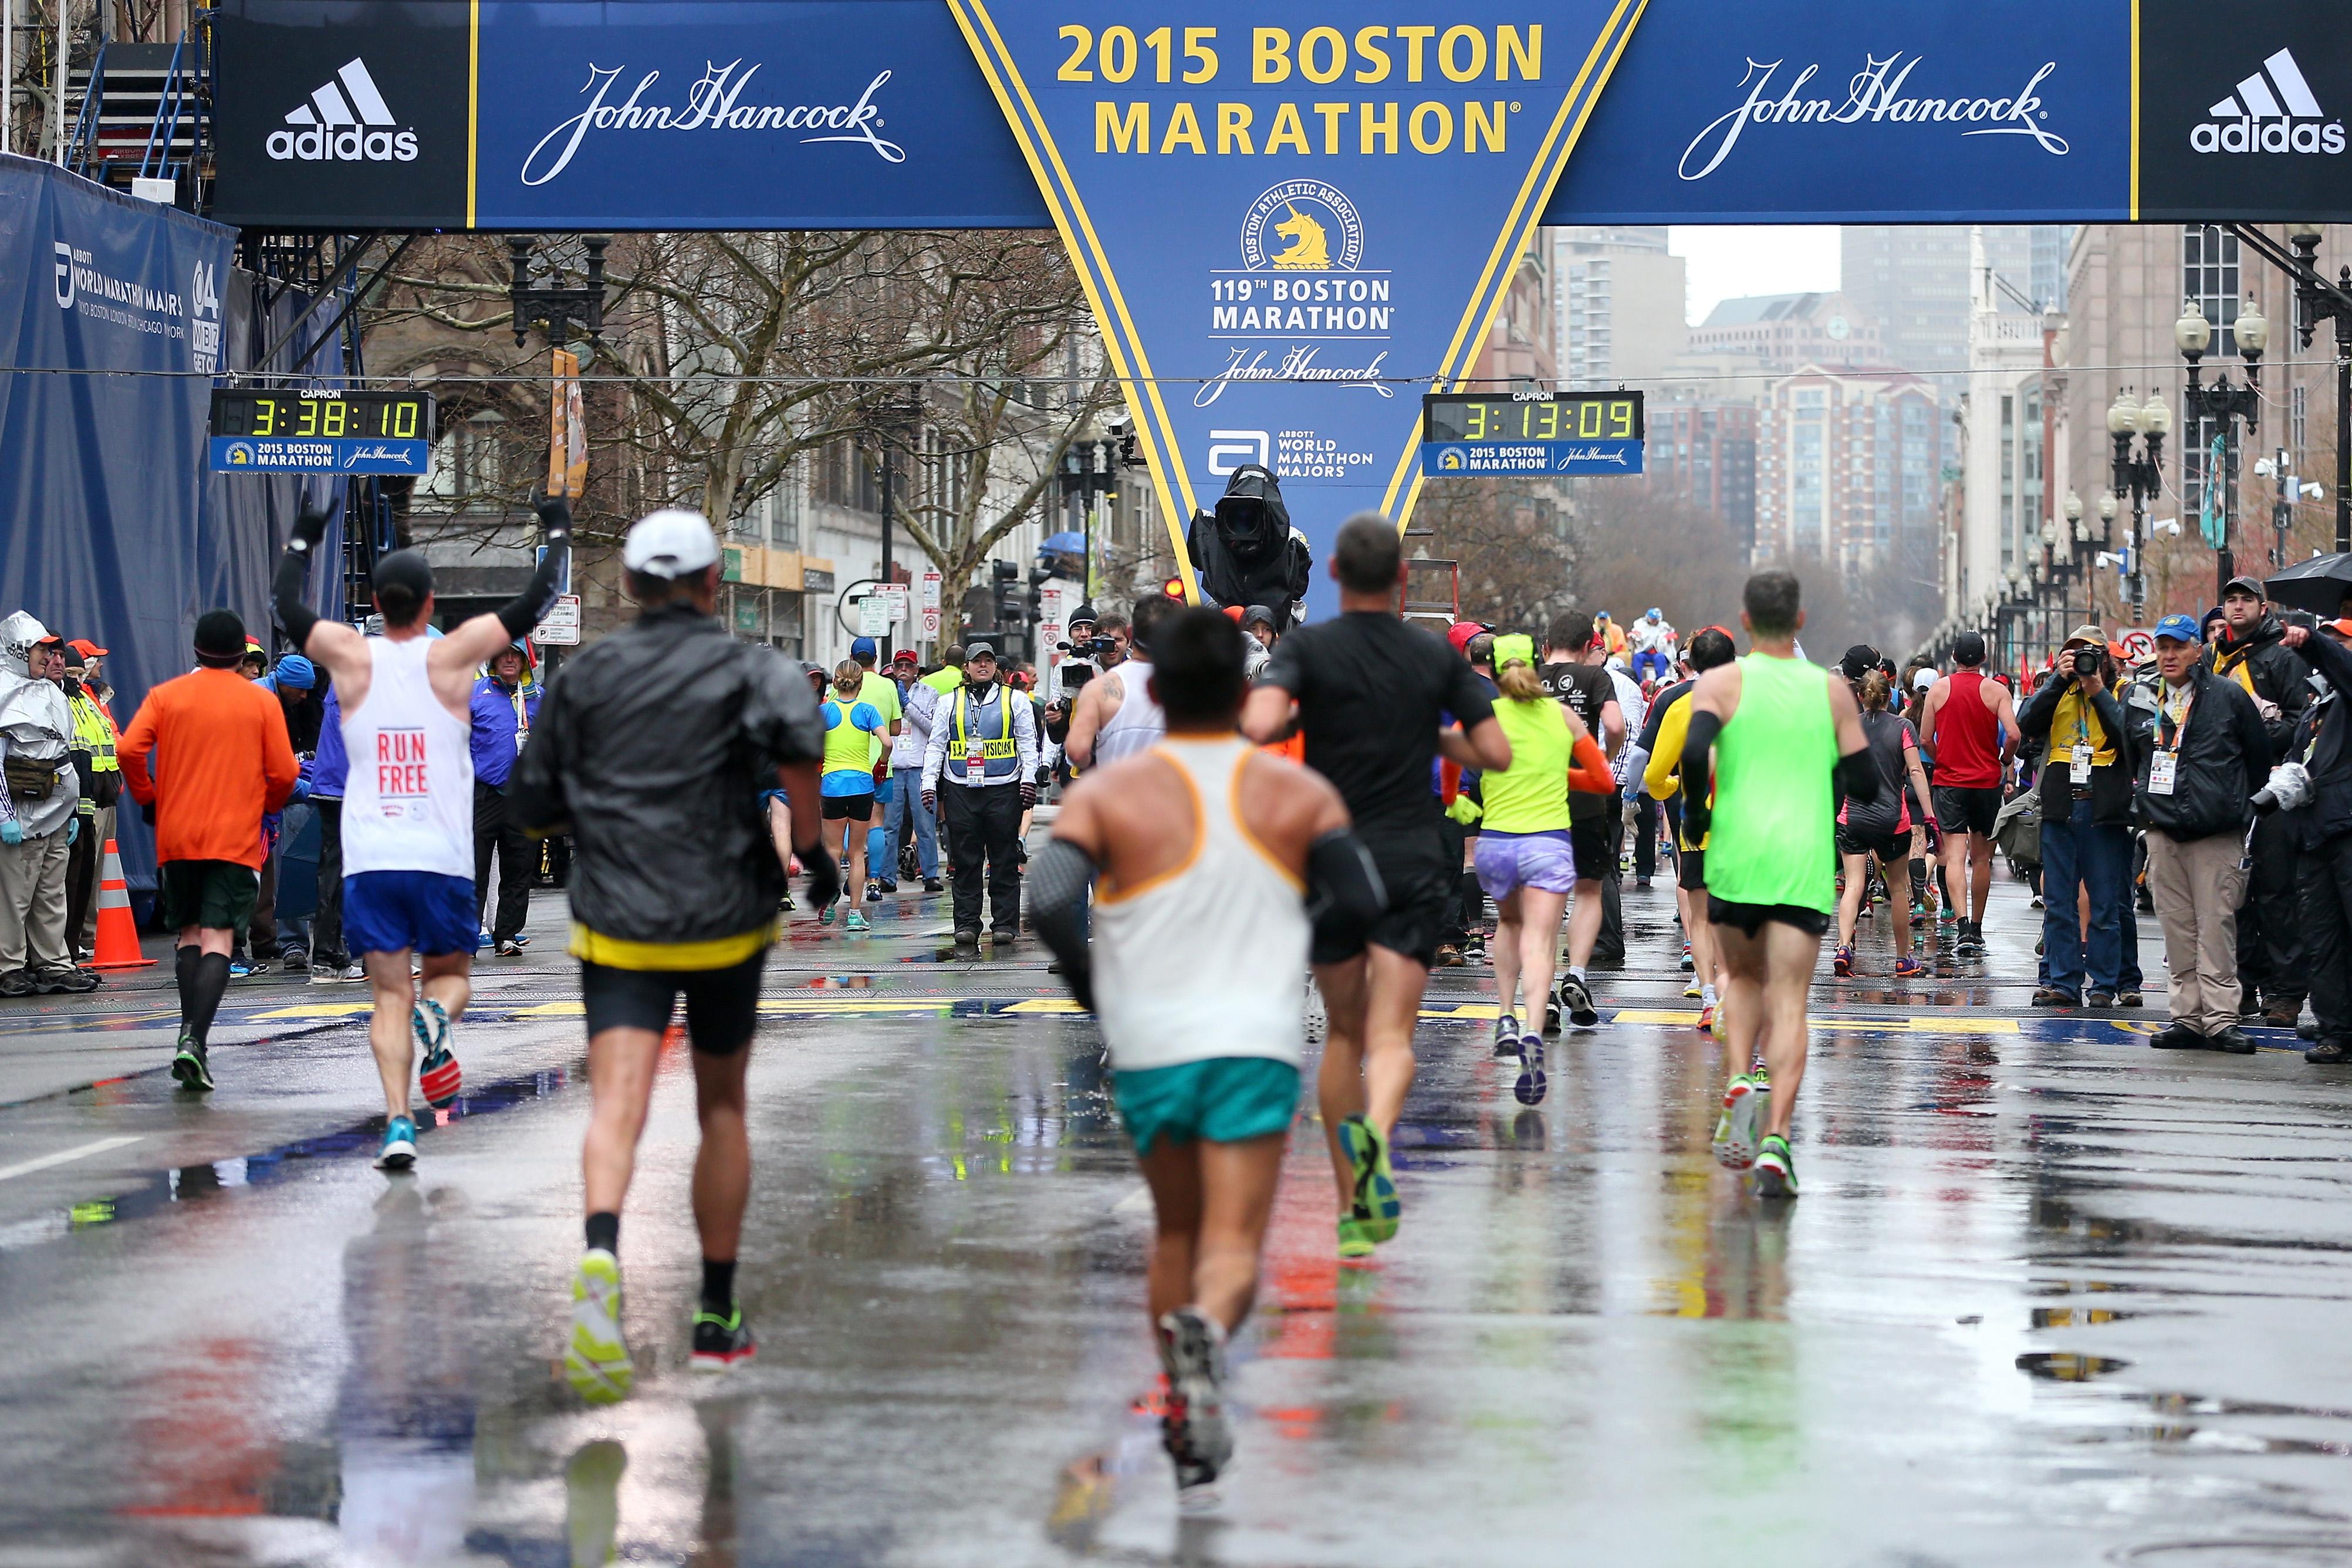 Boston Marathon time, Boston Marathon start, Boston Marathon channel, Boston Marathon when, Boston Marathon what time,